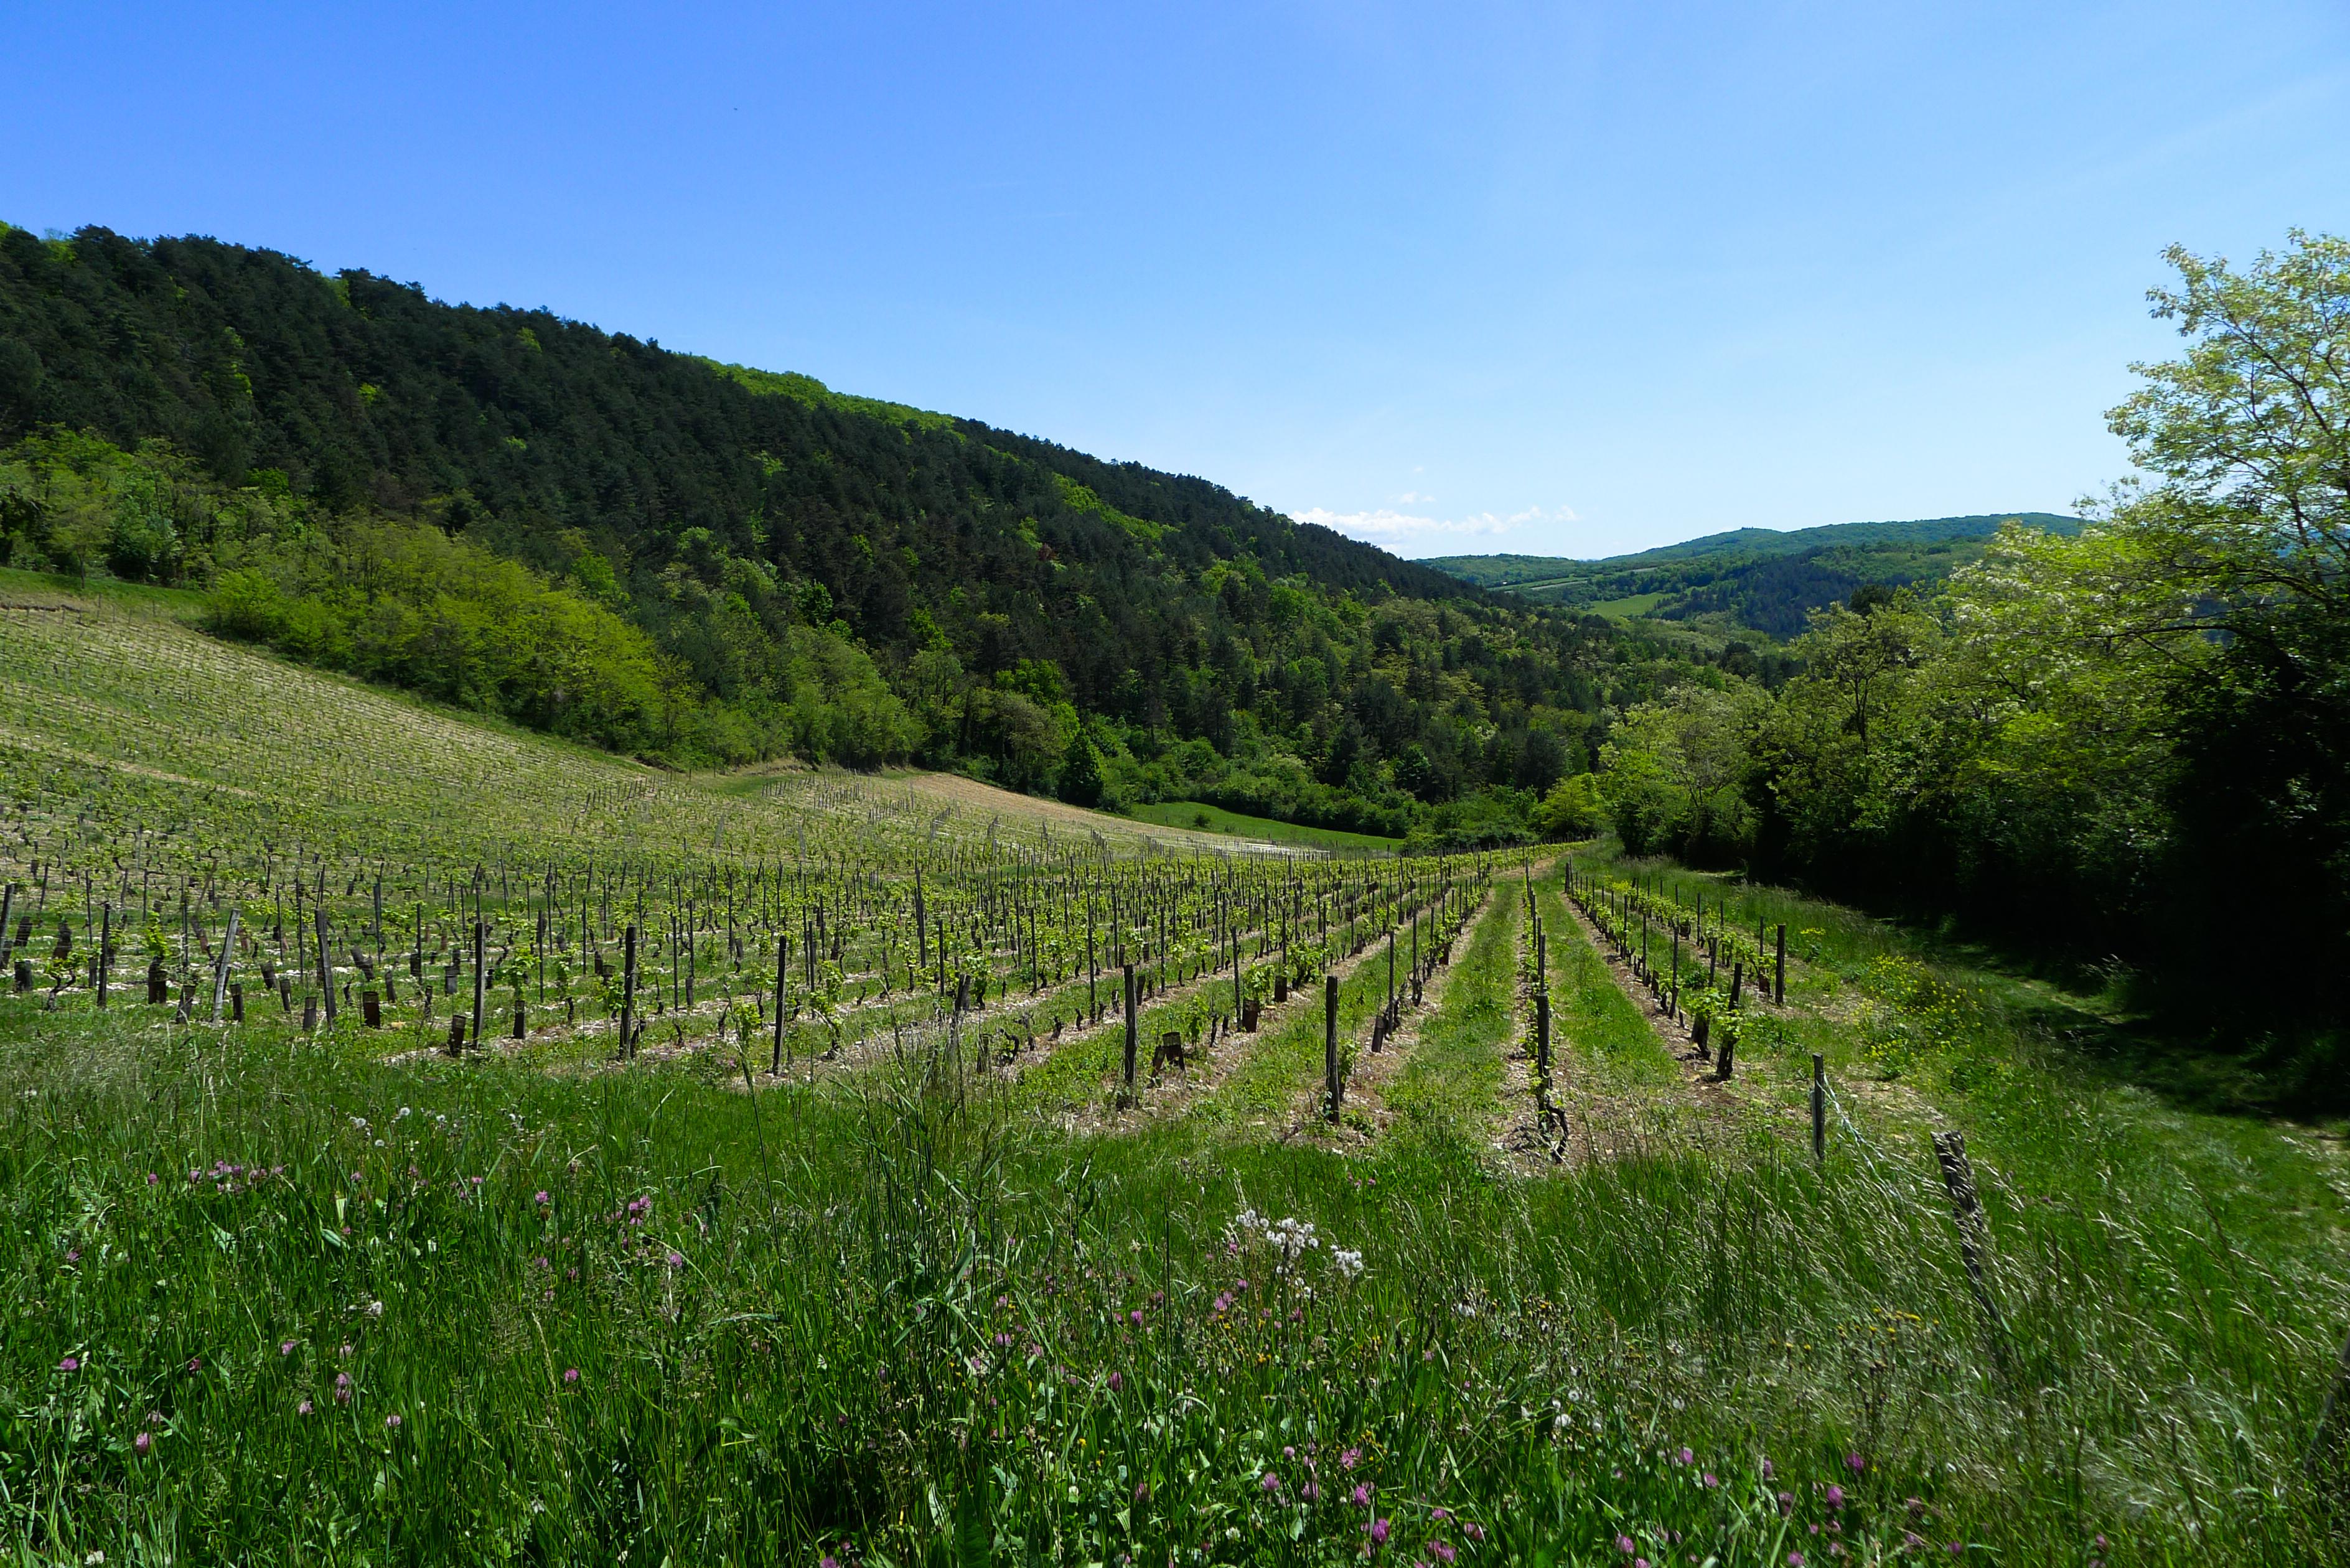 les vignes de cerdon  u00e0 mont july  u2013 chlo u00e9 froger  2017